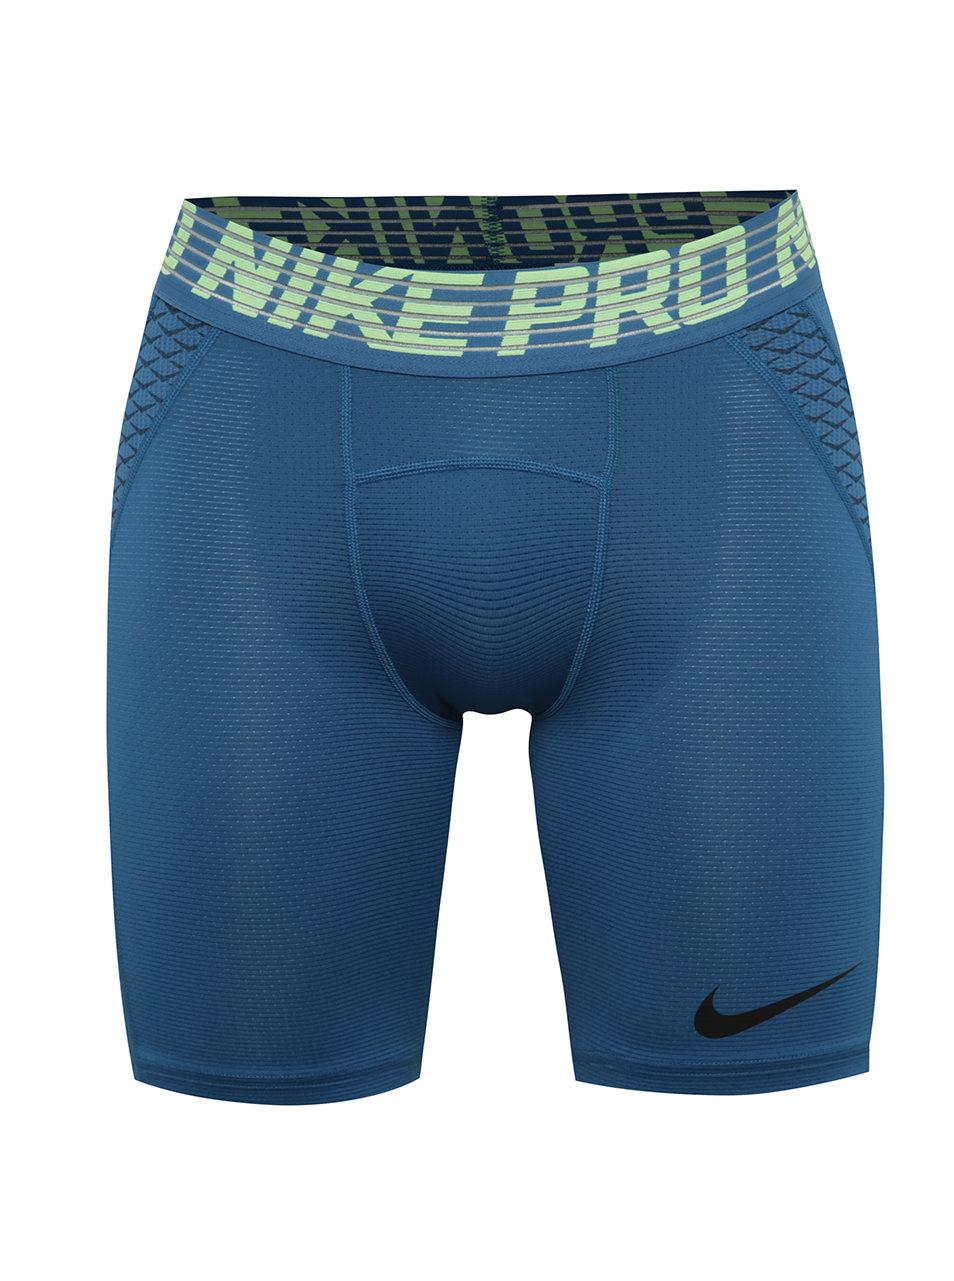 Modré pánské funkční kraťasy Nike Pro HyperCool ... d25c5046cc